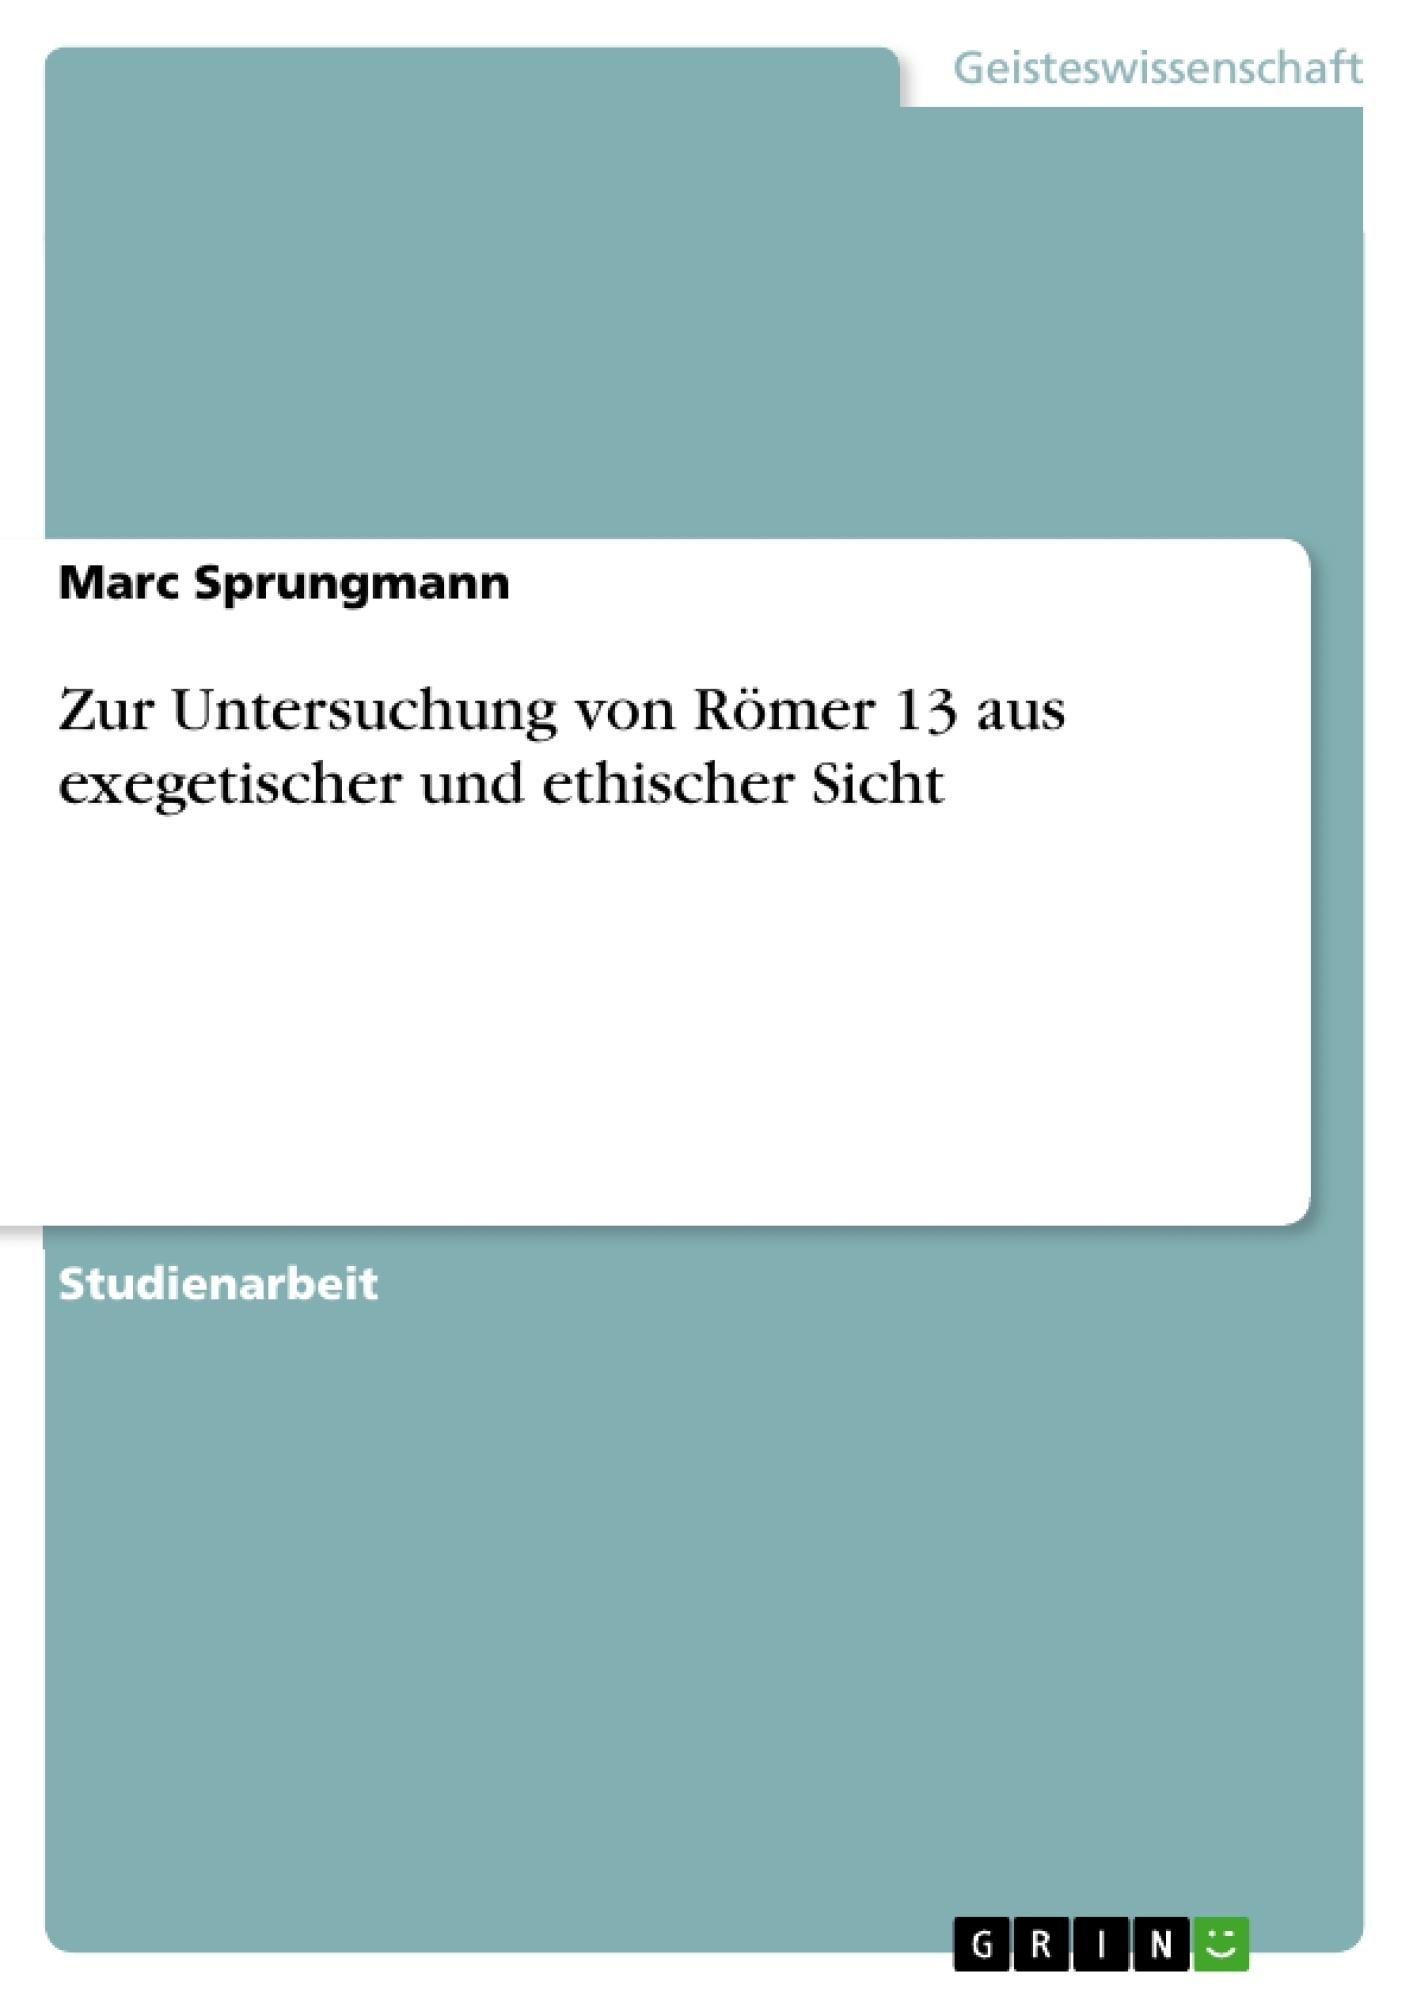 Titel: Zur Untersuchung von Römer 13 aus exegetischer und ethischer Sicht